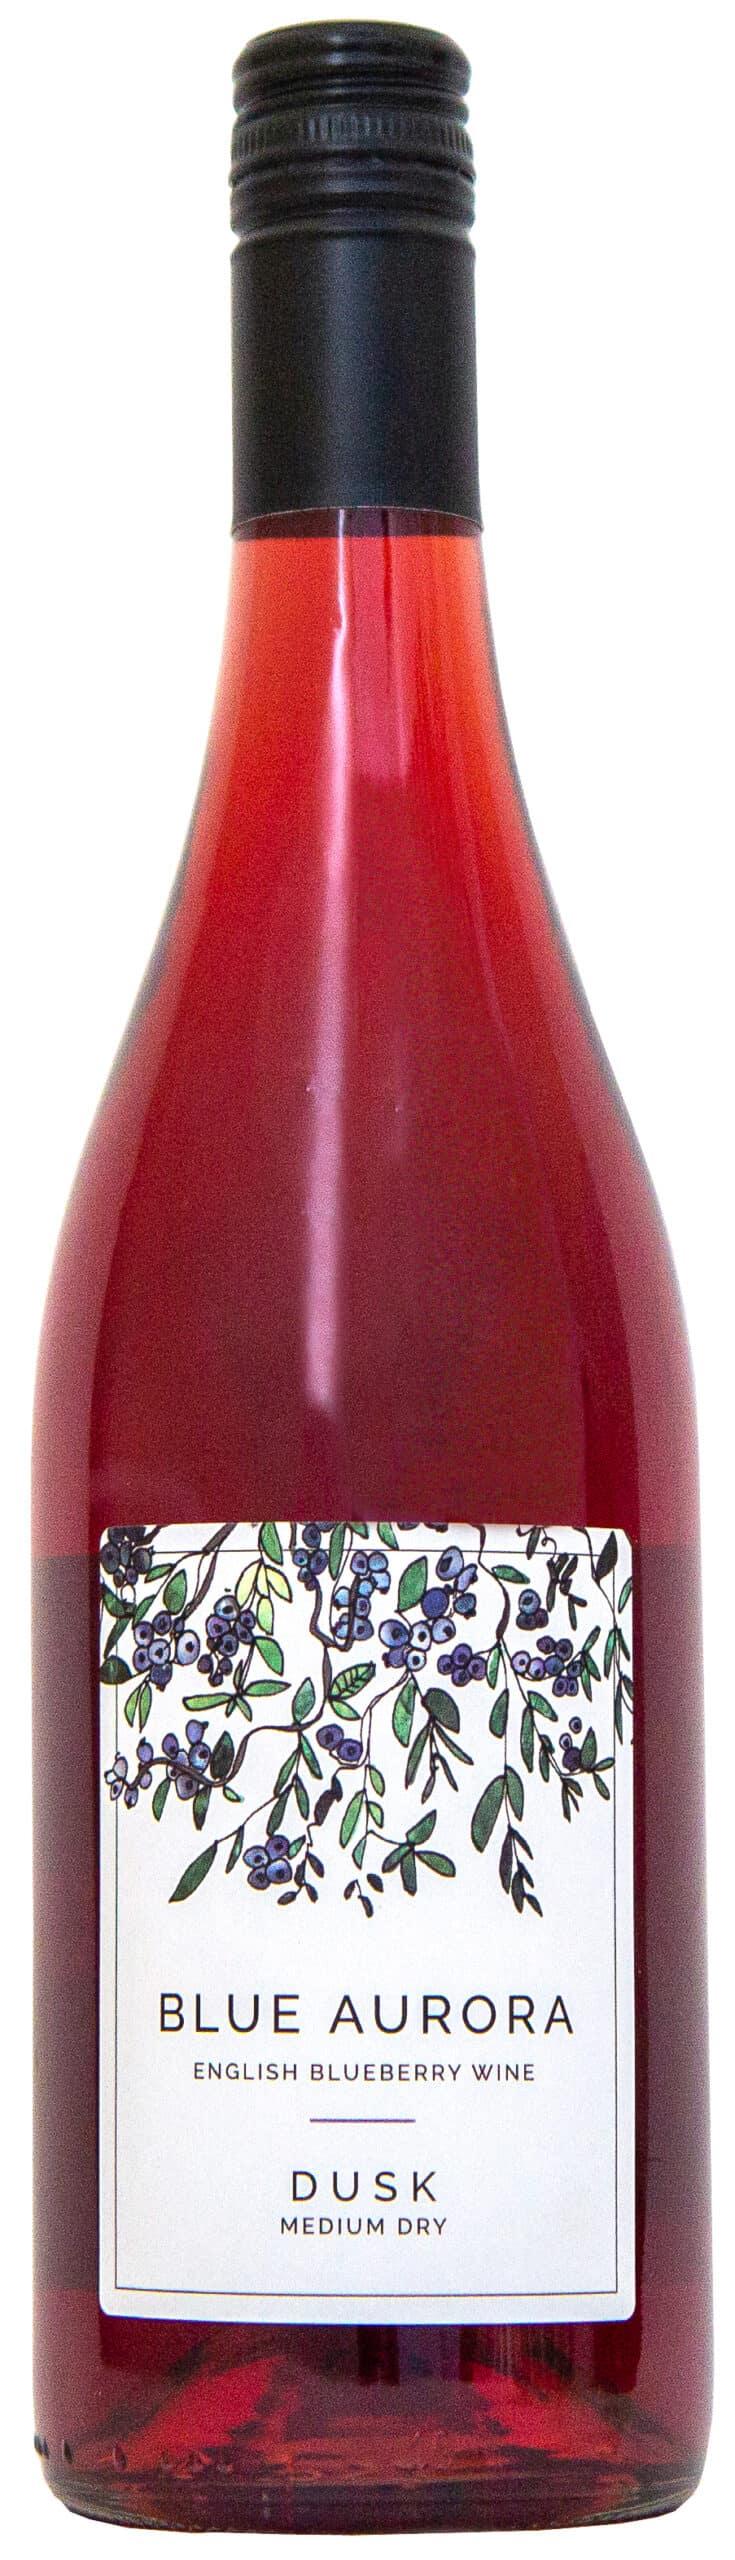 Blue Aurora Dusk Blueberry Wine